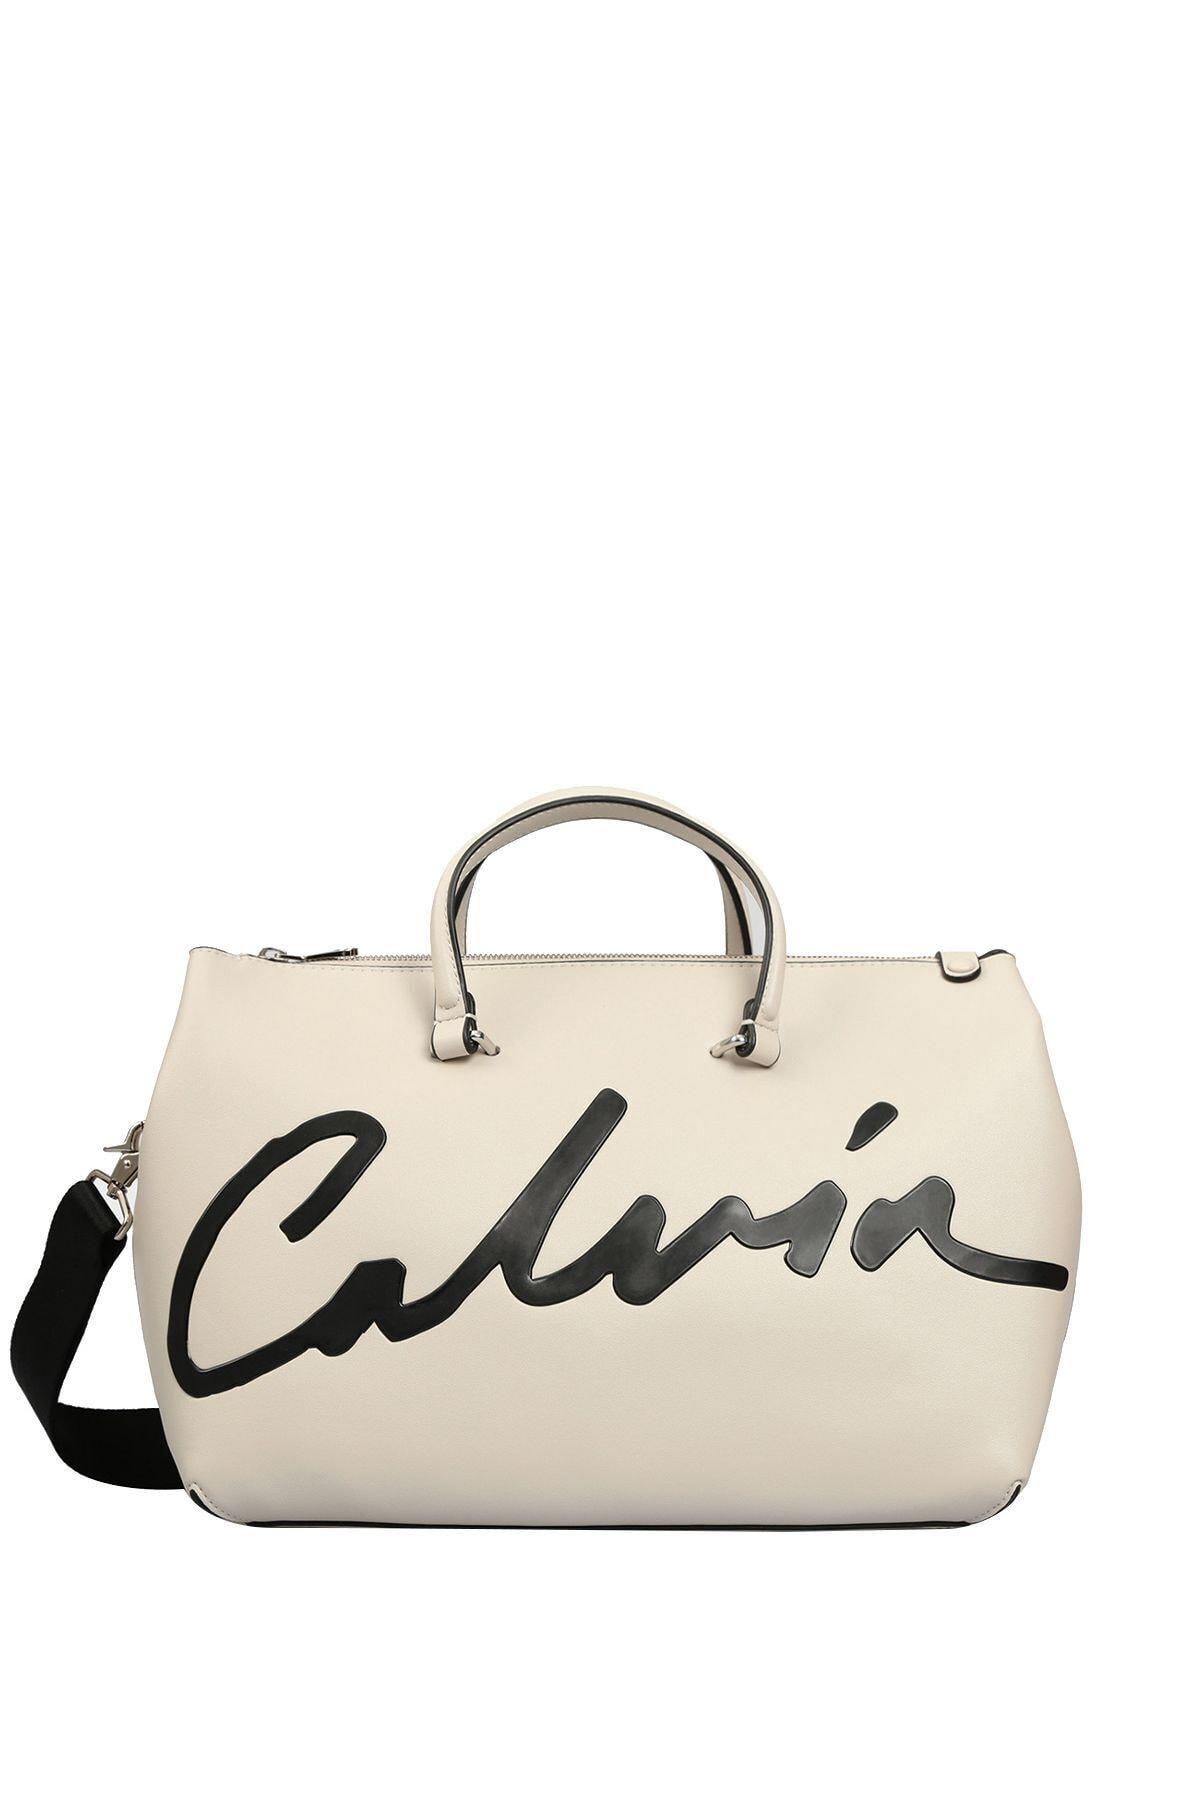 Calvin Klein Kadın Ckj Sculpted Satchel Kadın El Çantası K60k606575 1